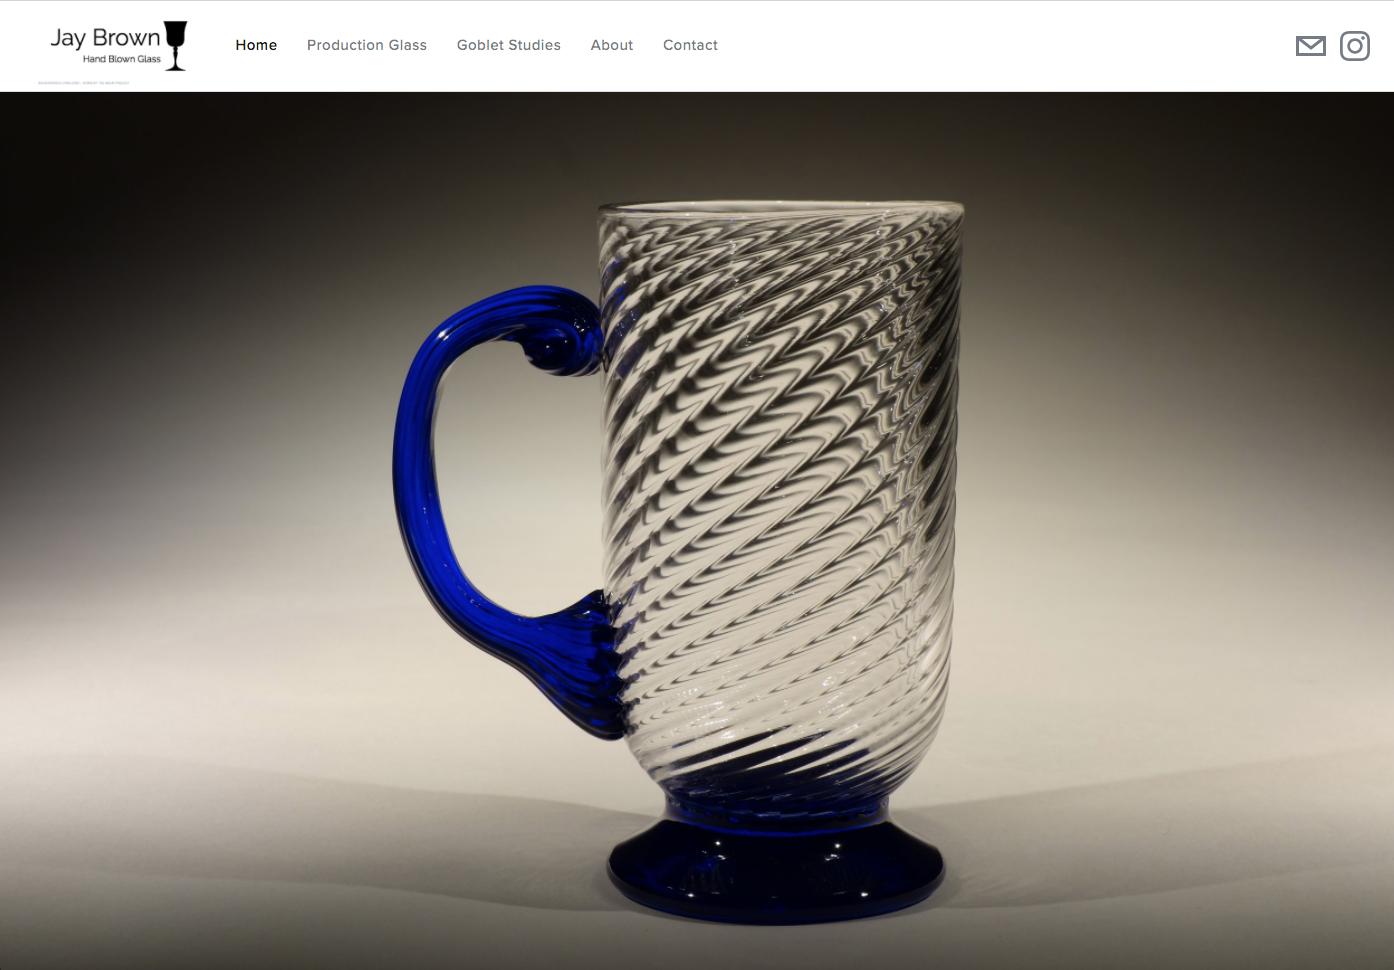 Jay Brown Glass - Glass Artist, Shelburne, Massachusetts